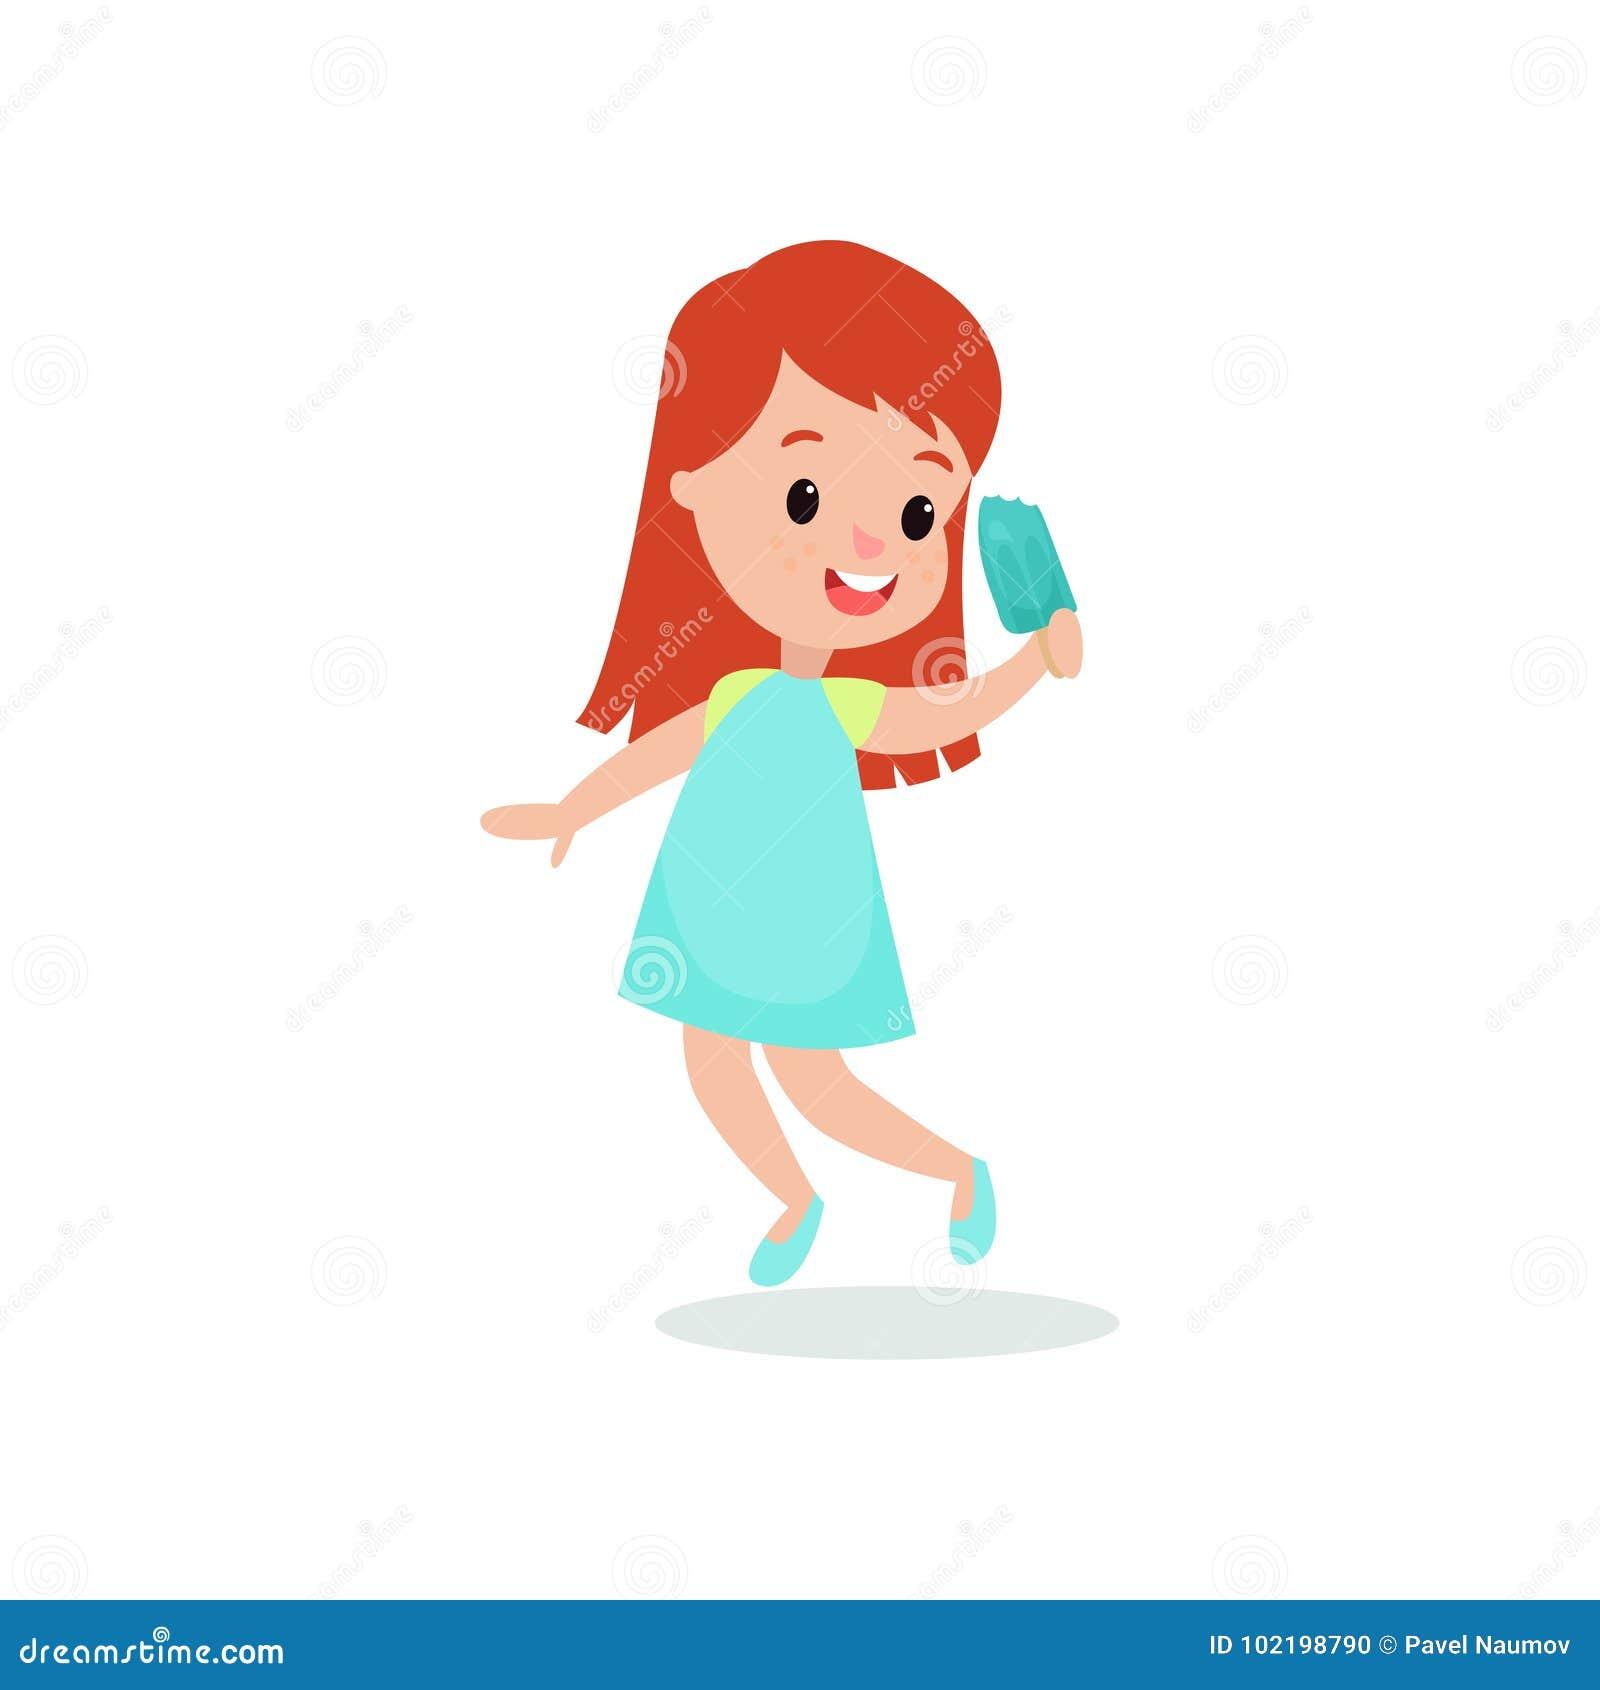 d6788302f2b5 Όμορφο redhead κορίτσι που αισθάνεται ευχαριστημένο από τη διανυσματική  απεικόνιση κινούμενων σχεδίων παγωτού της